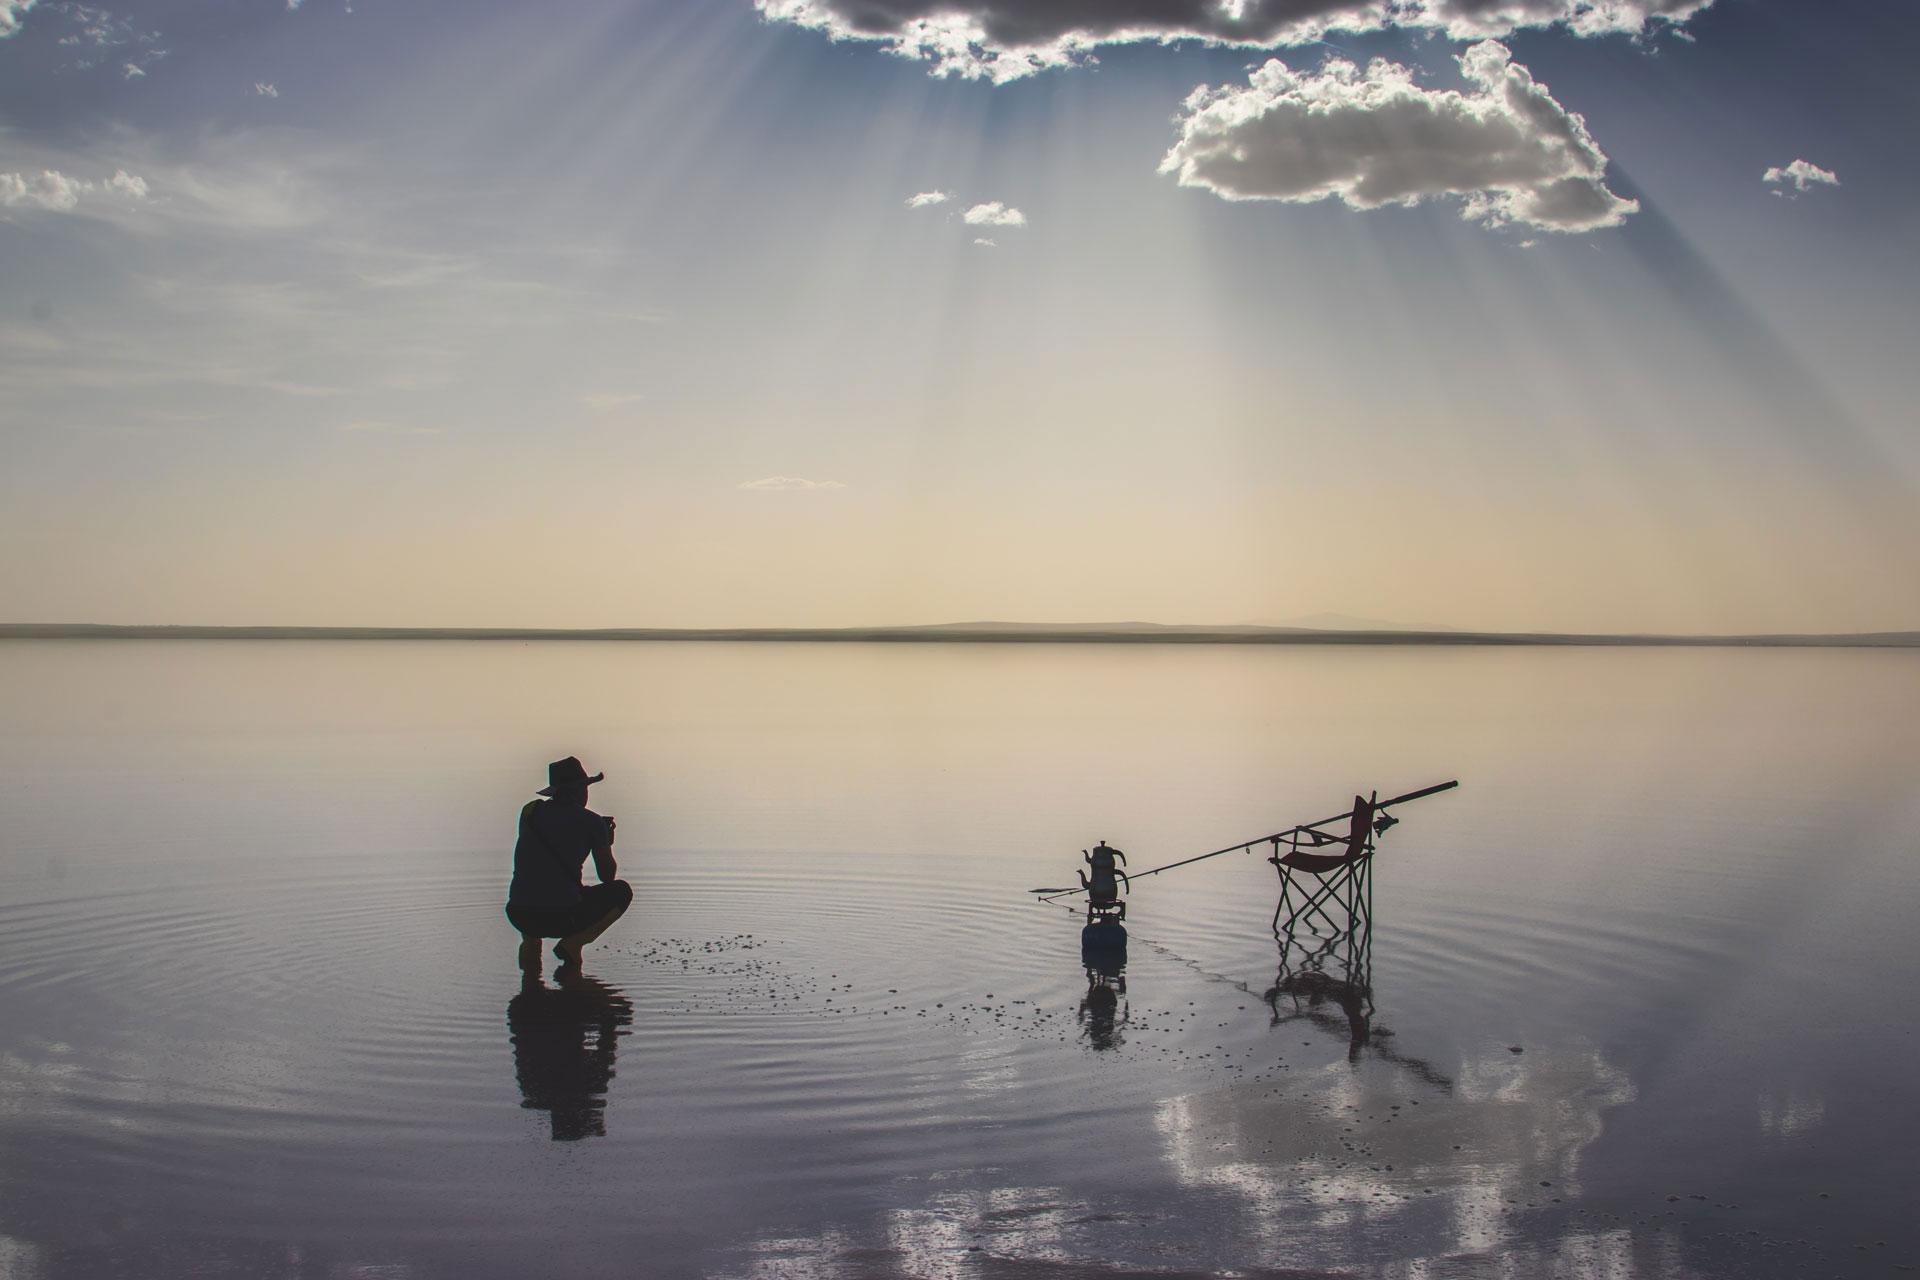 Tuz Gölü Fotoğrafları Tuz gölü resimleri Sunset Gün batımında balık bekleyen adam Çekergezer Hakan Aydın Fotoğrafları Tuz Gölü görselleri